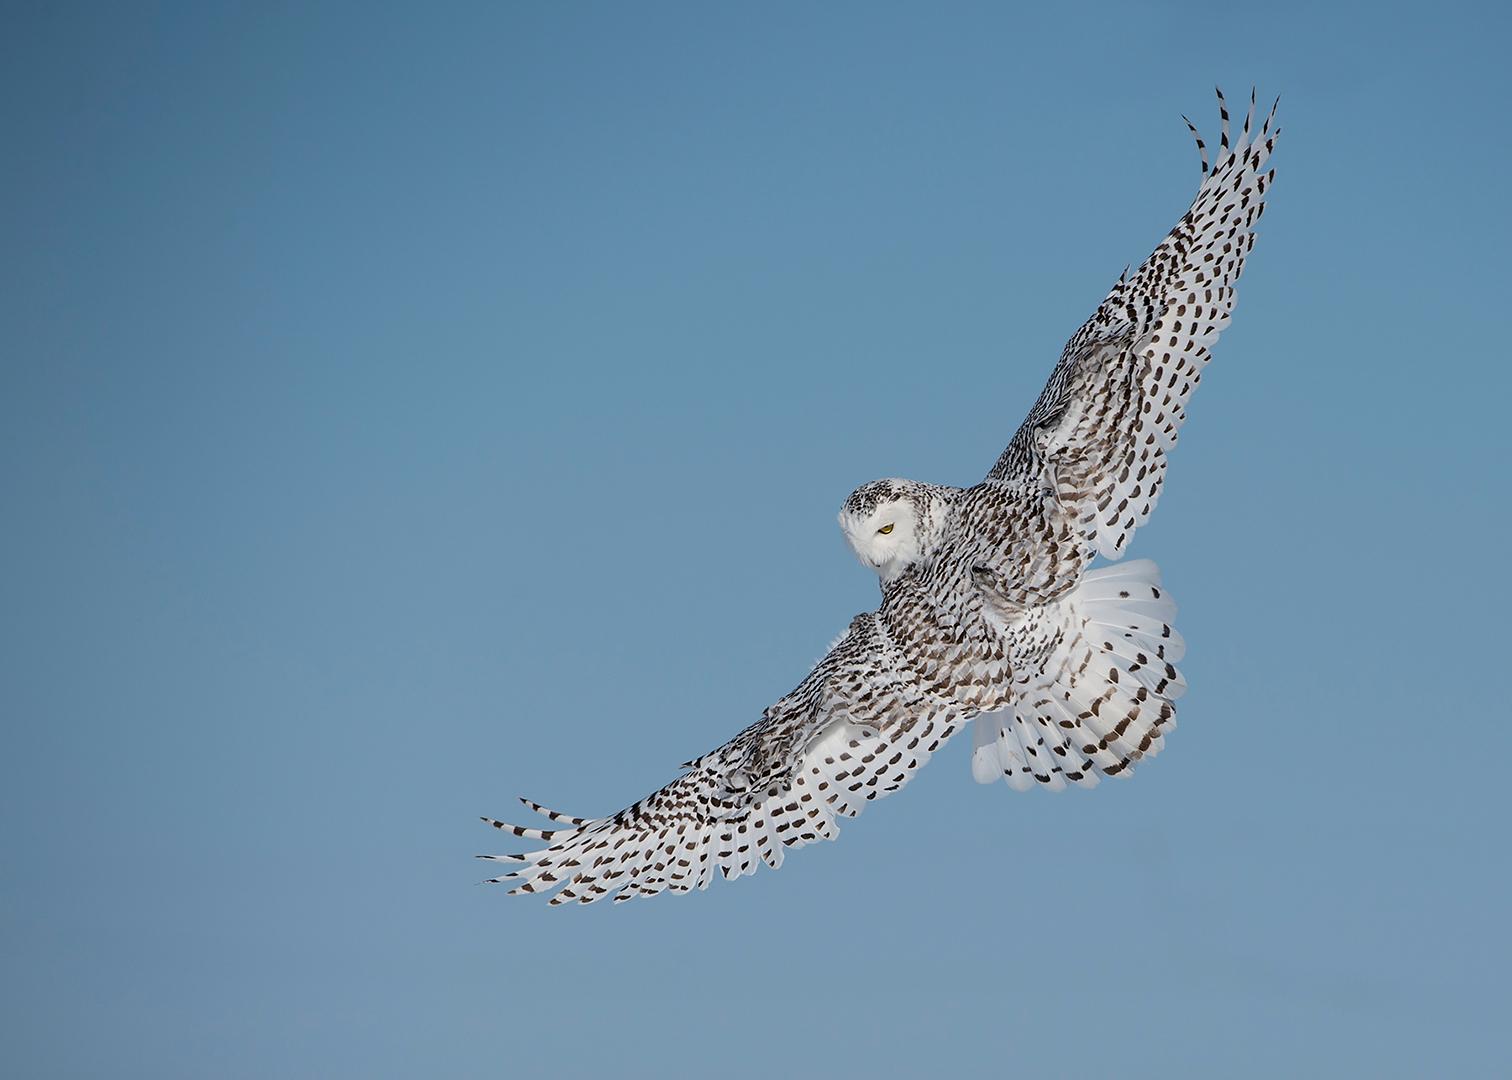 Paul Janosi – Snowy Owl in flight – 2ND